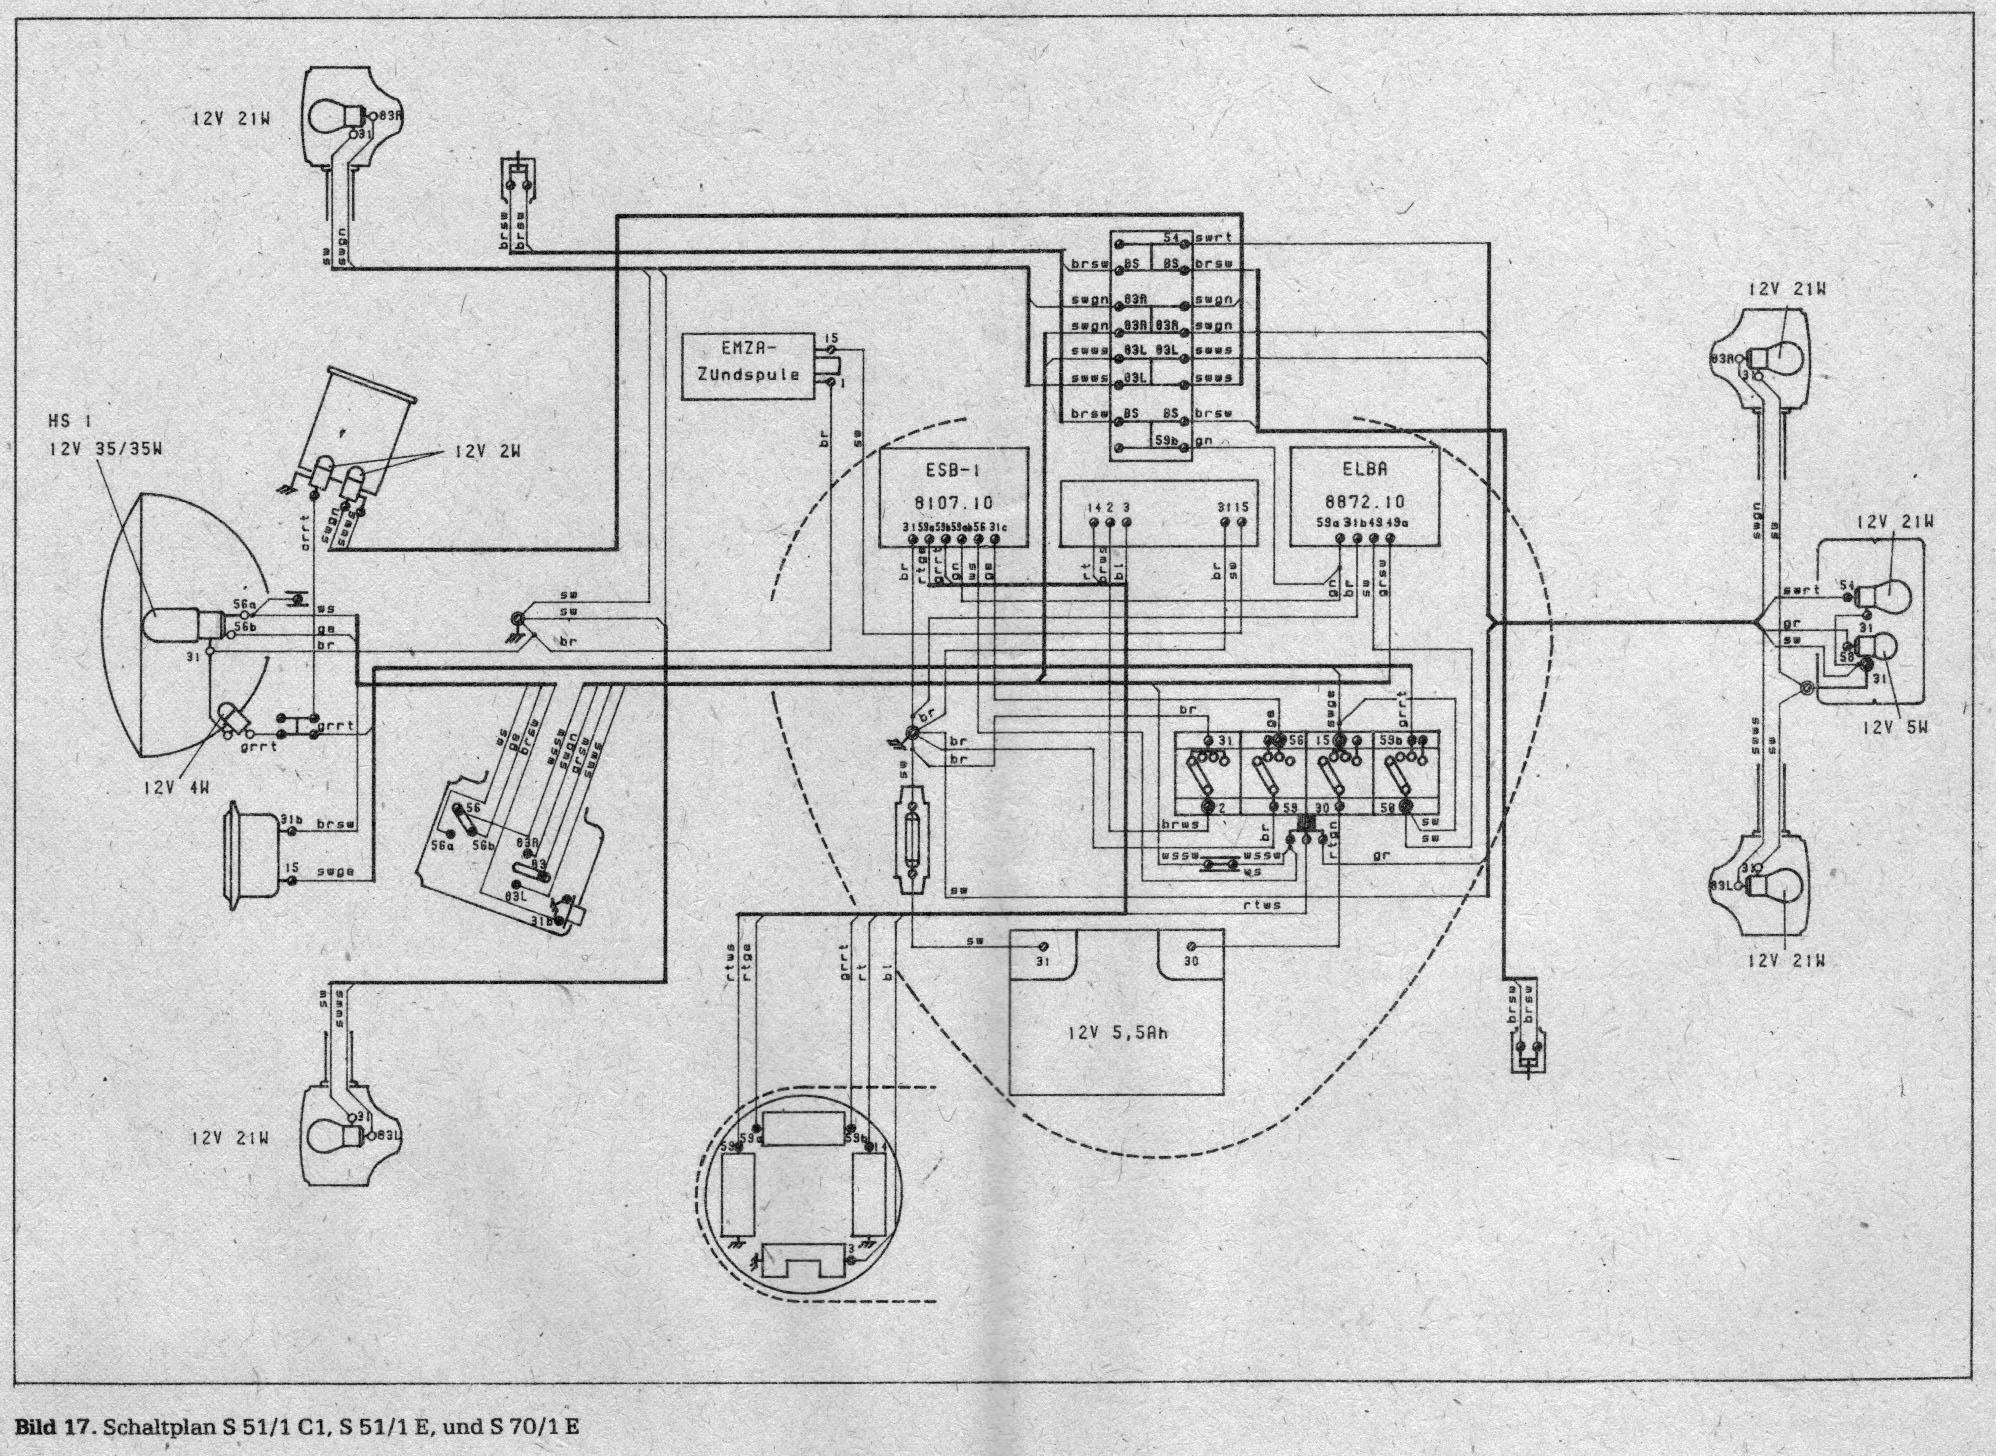 Betriebsanleitung Simson S51/1 und Simson-Leichtkraftrad S70/1